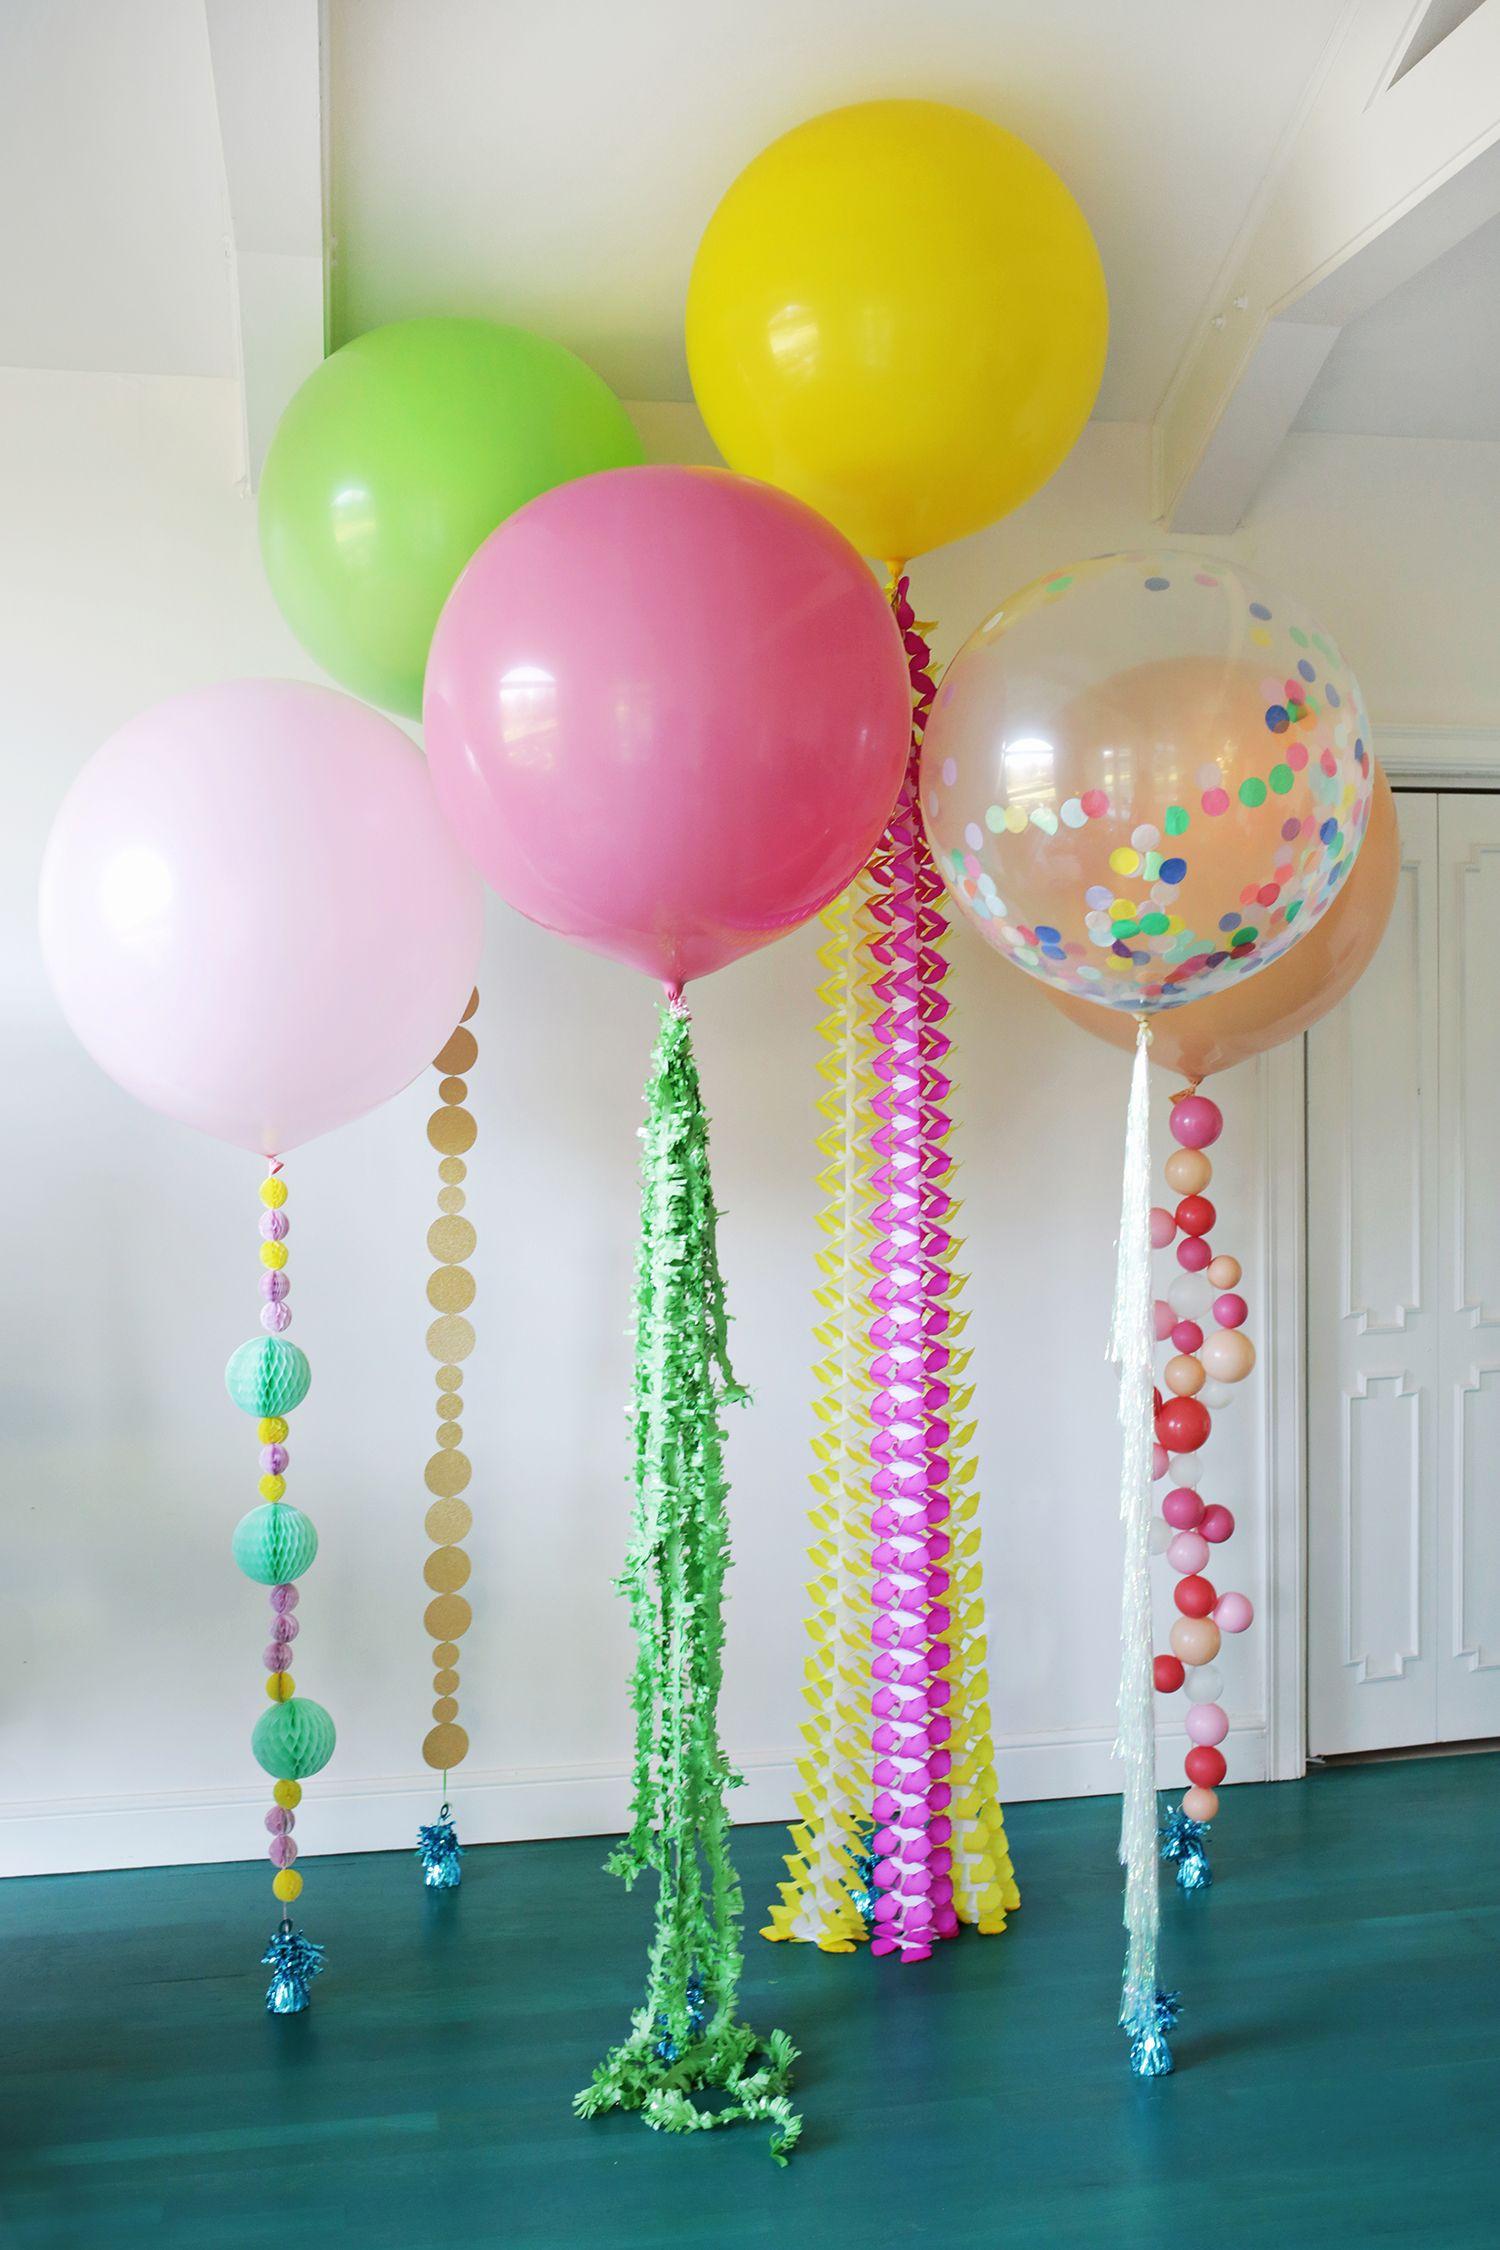 5 cute balloon ideas for party decor